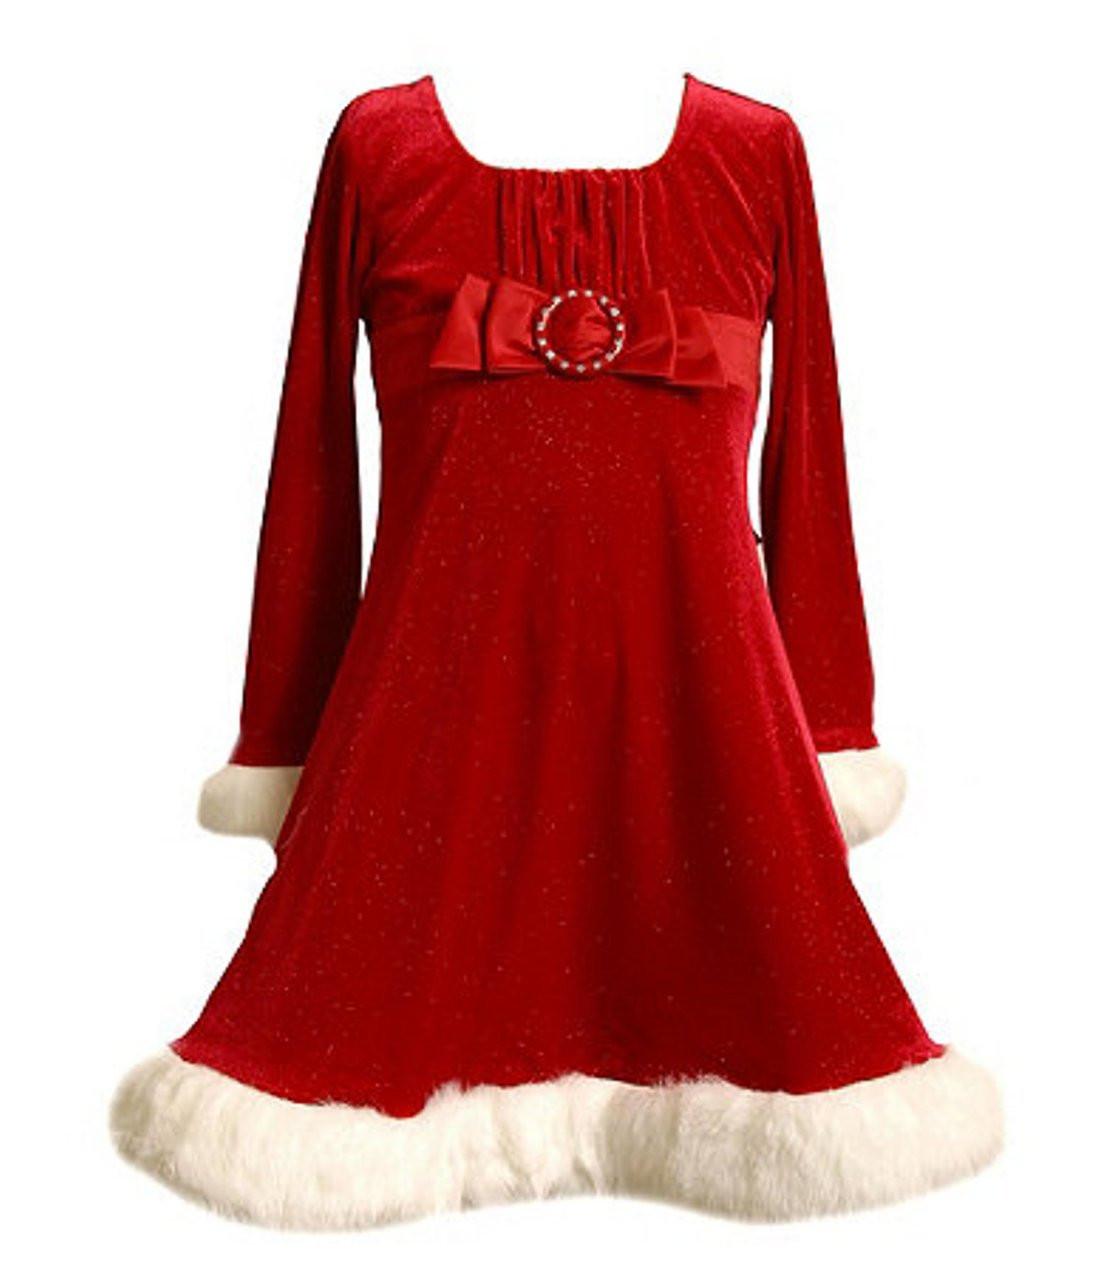 Red Christmas Dresses For Girls - Dada Dresses